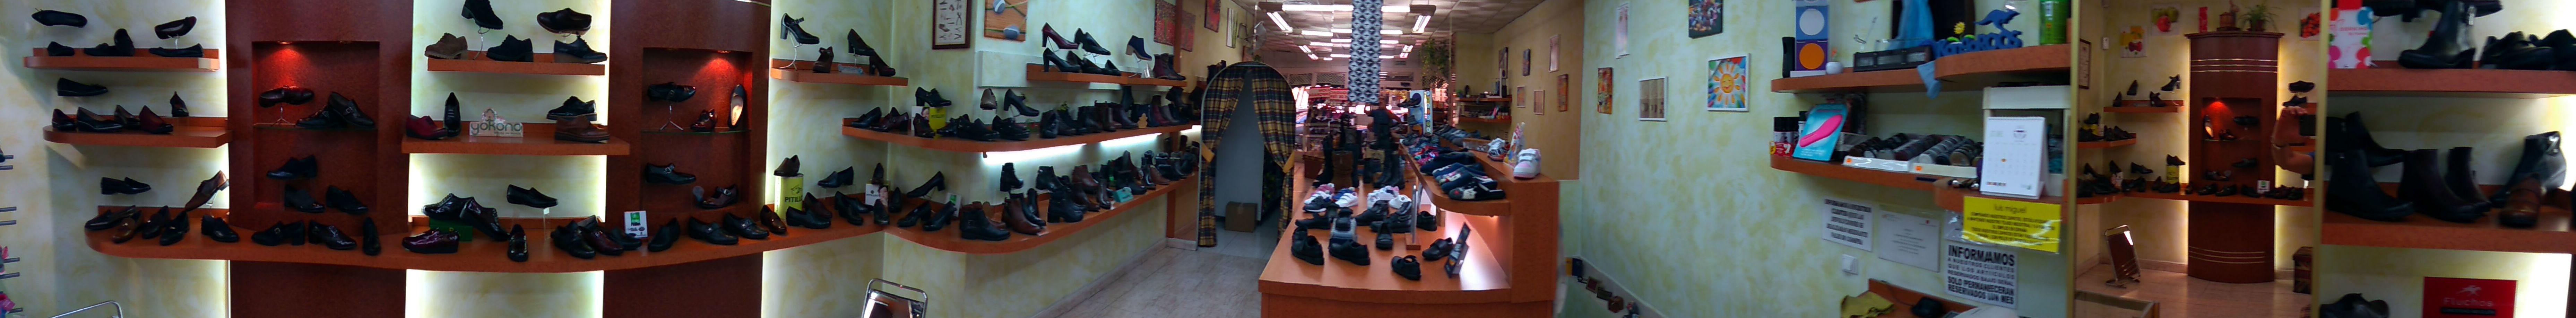 Foto 62 de venta de zapatos de señora y niños en piel en Alcorcón | Zapatos Luis Miguel